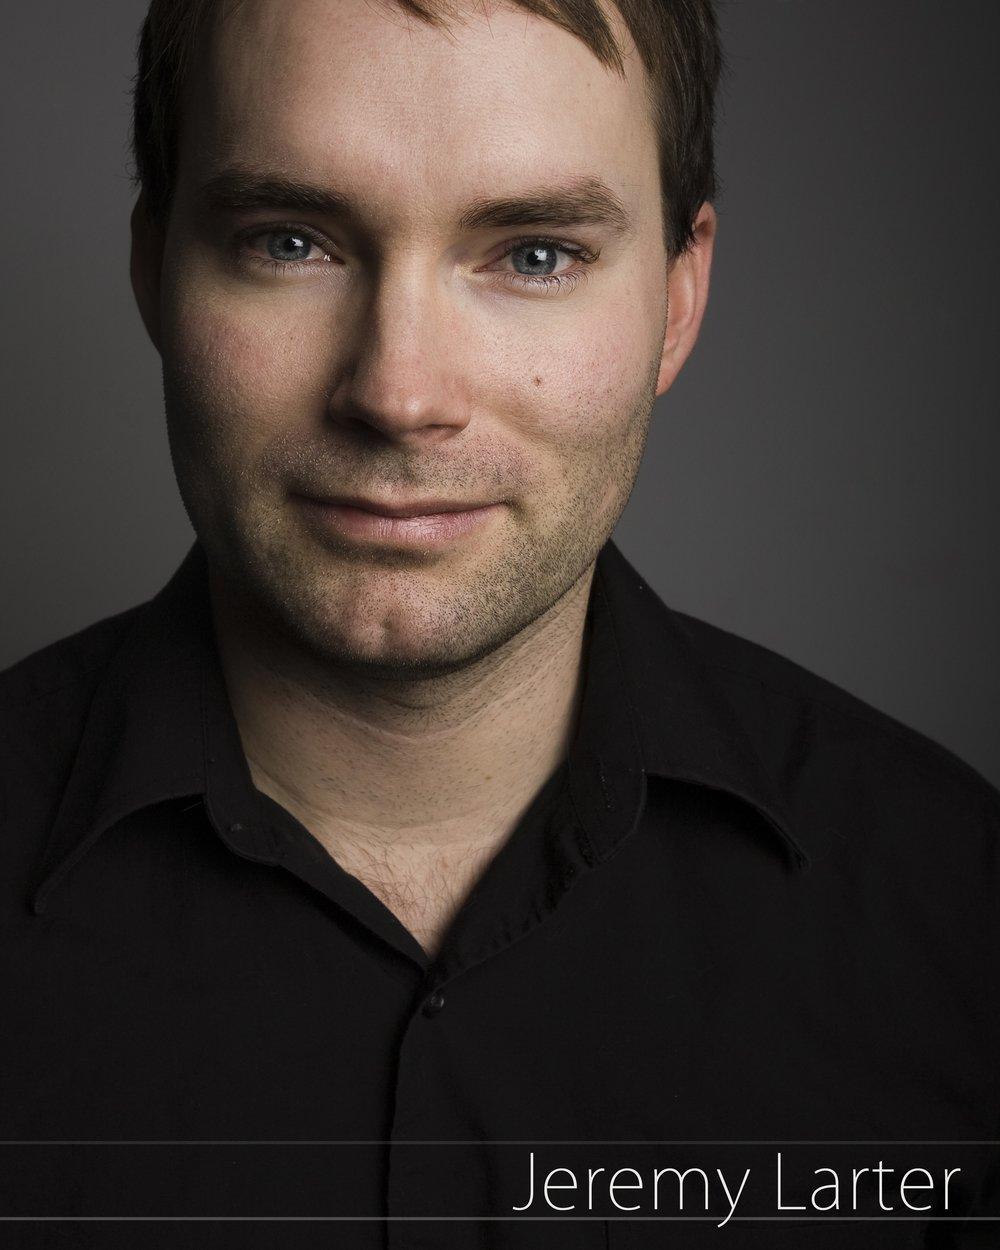 Jeremy Larter